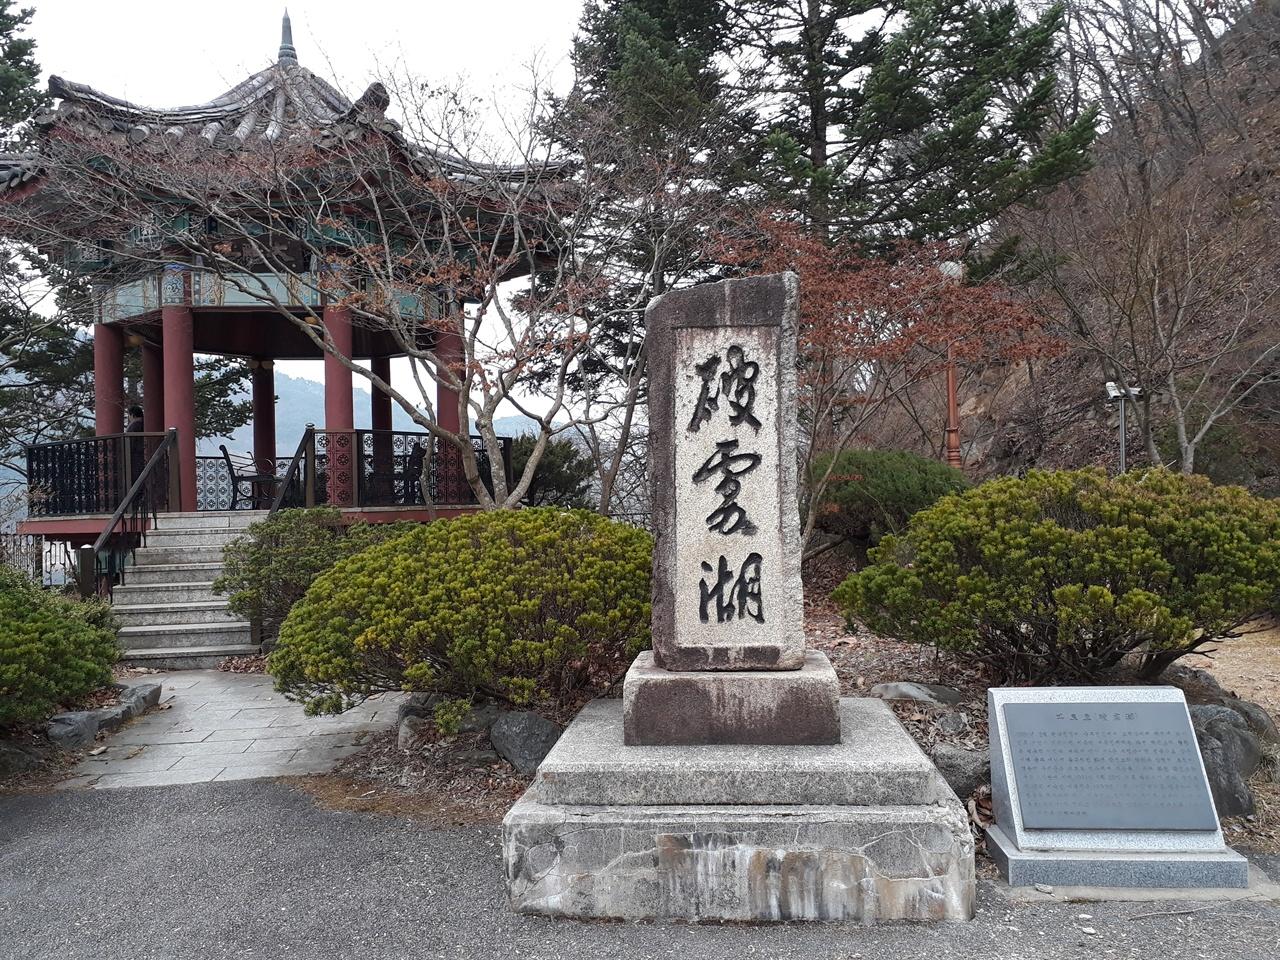 이승만 대통령의 파로호 휘호 화천댐 파로호 기념비